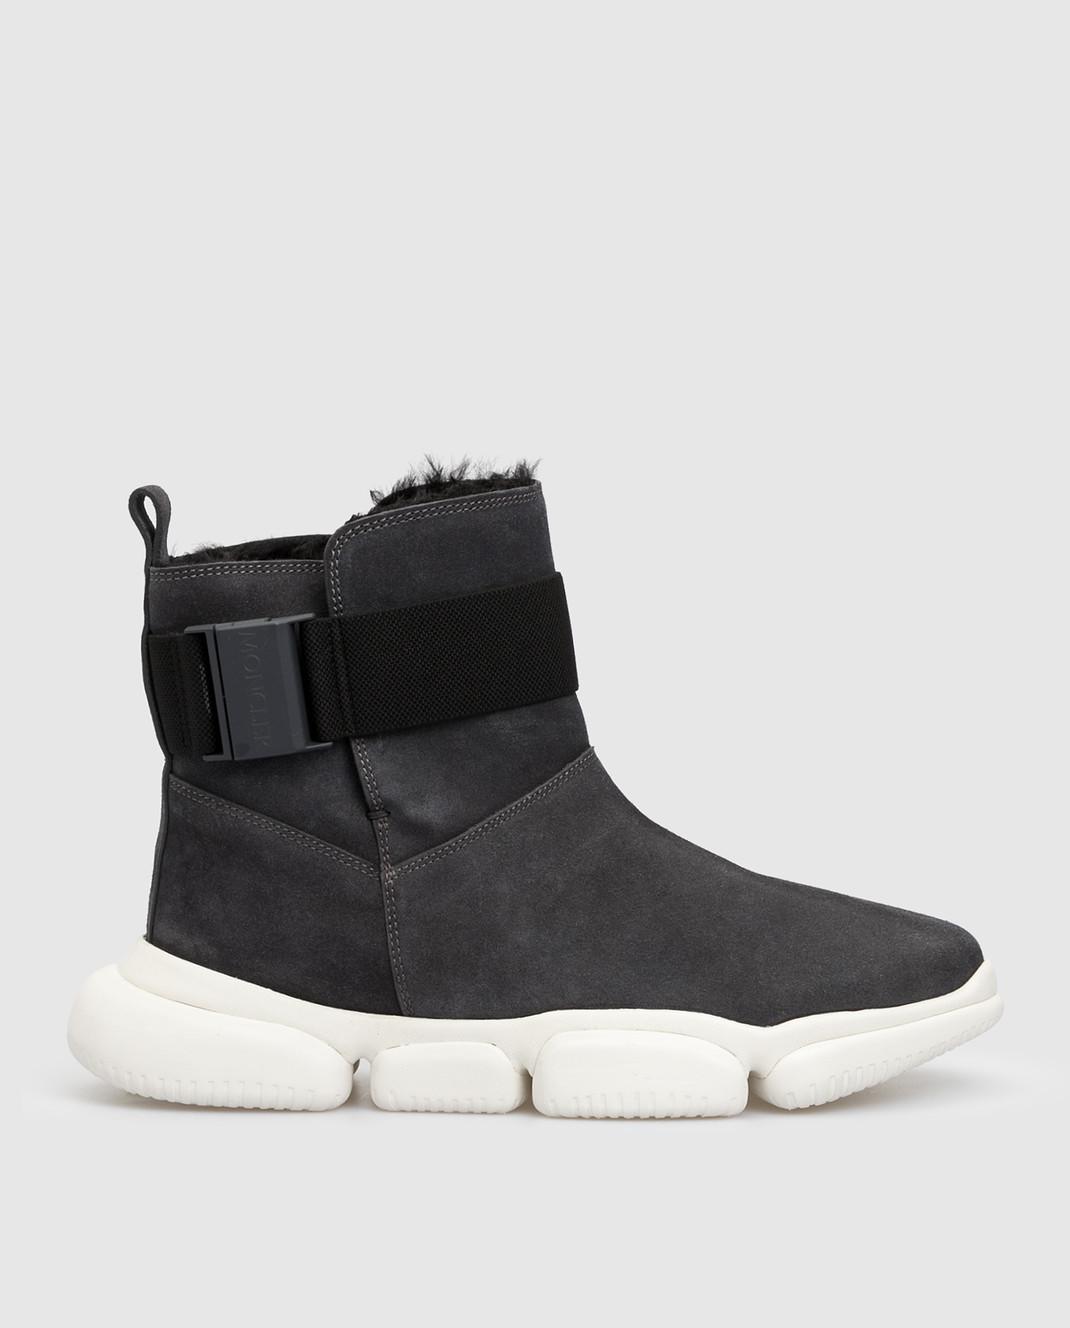 Moncler Темно-серые замшевые ботинки